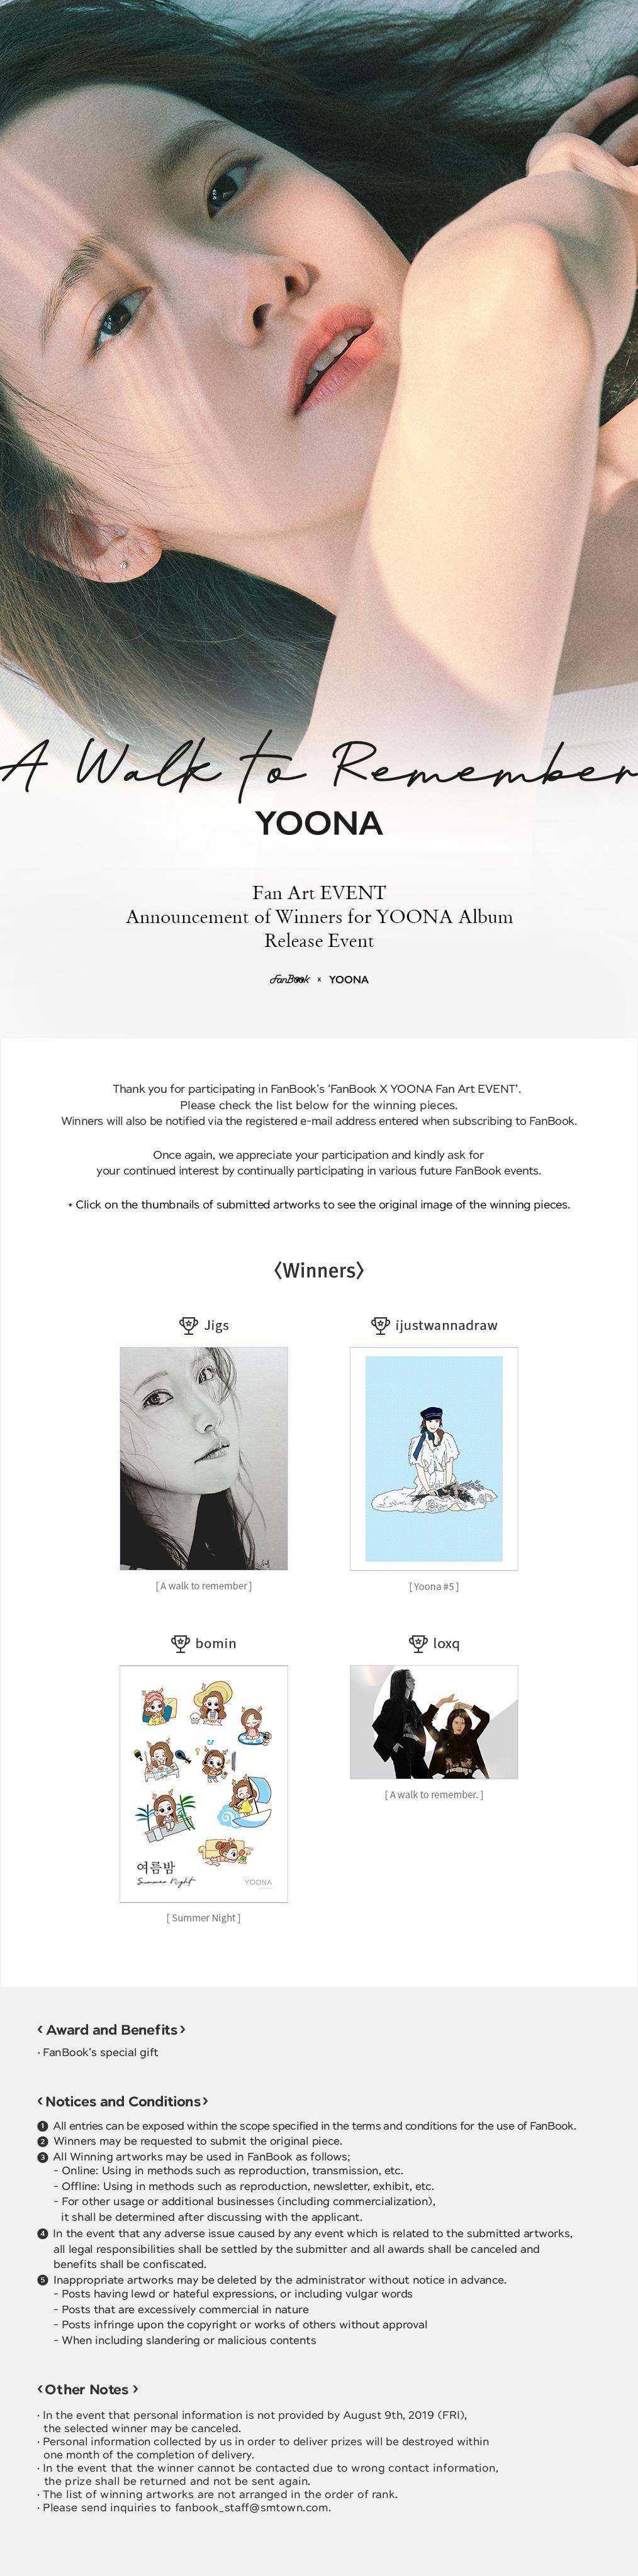 FanBook X YOONA Fan Art EVENT